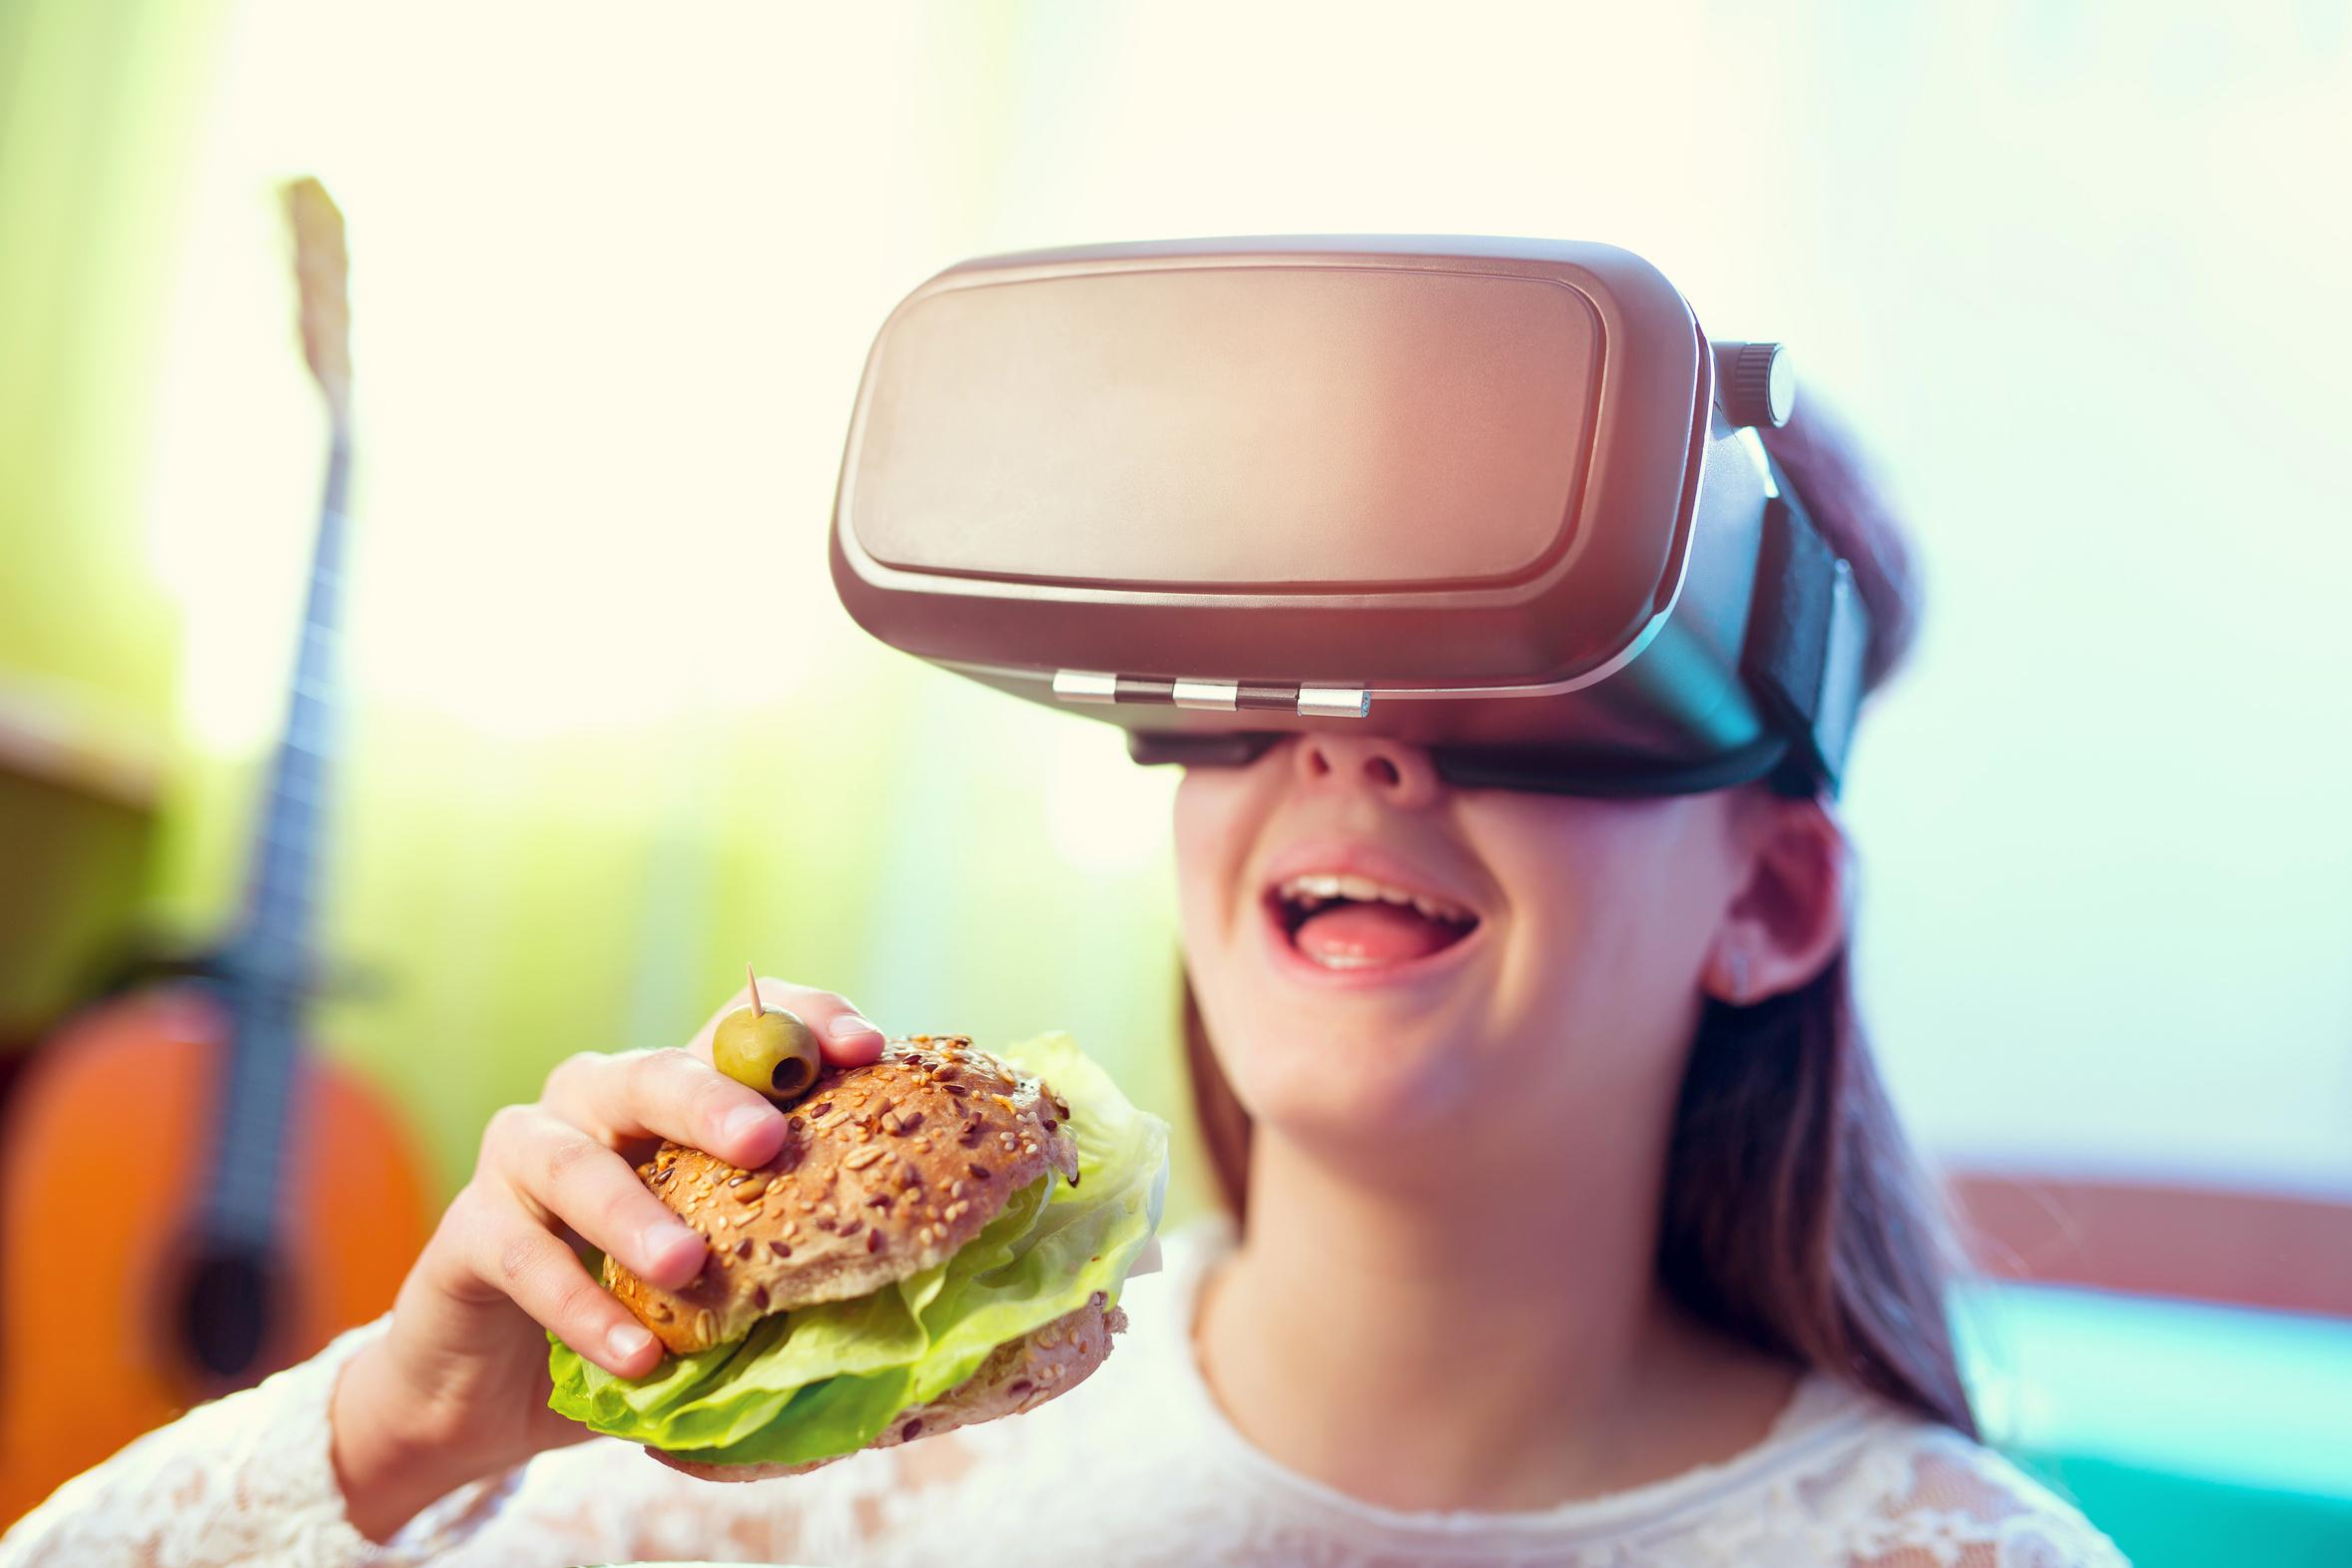 Großartig Fast Food Service Fortsetzen Proben Ideen - Beispiel ...